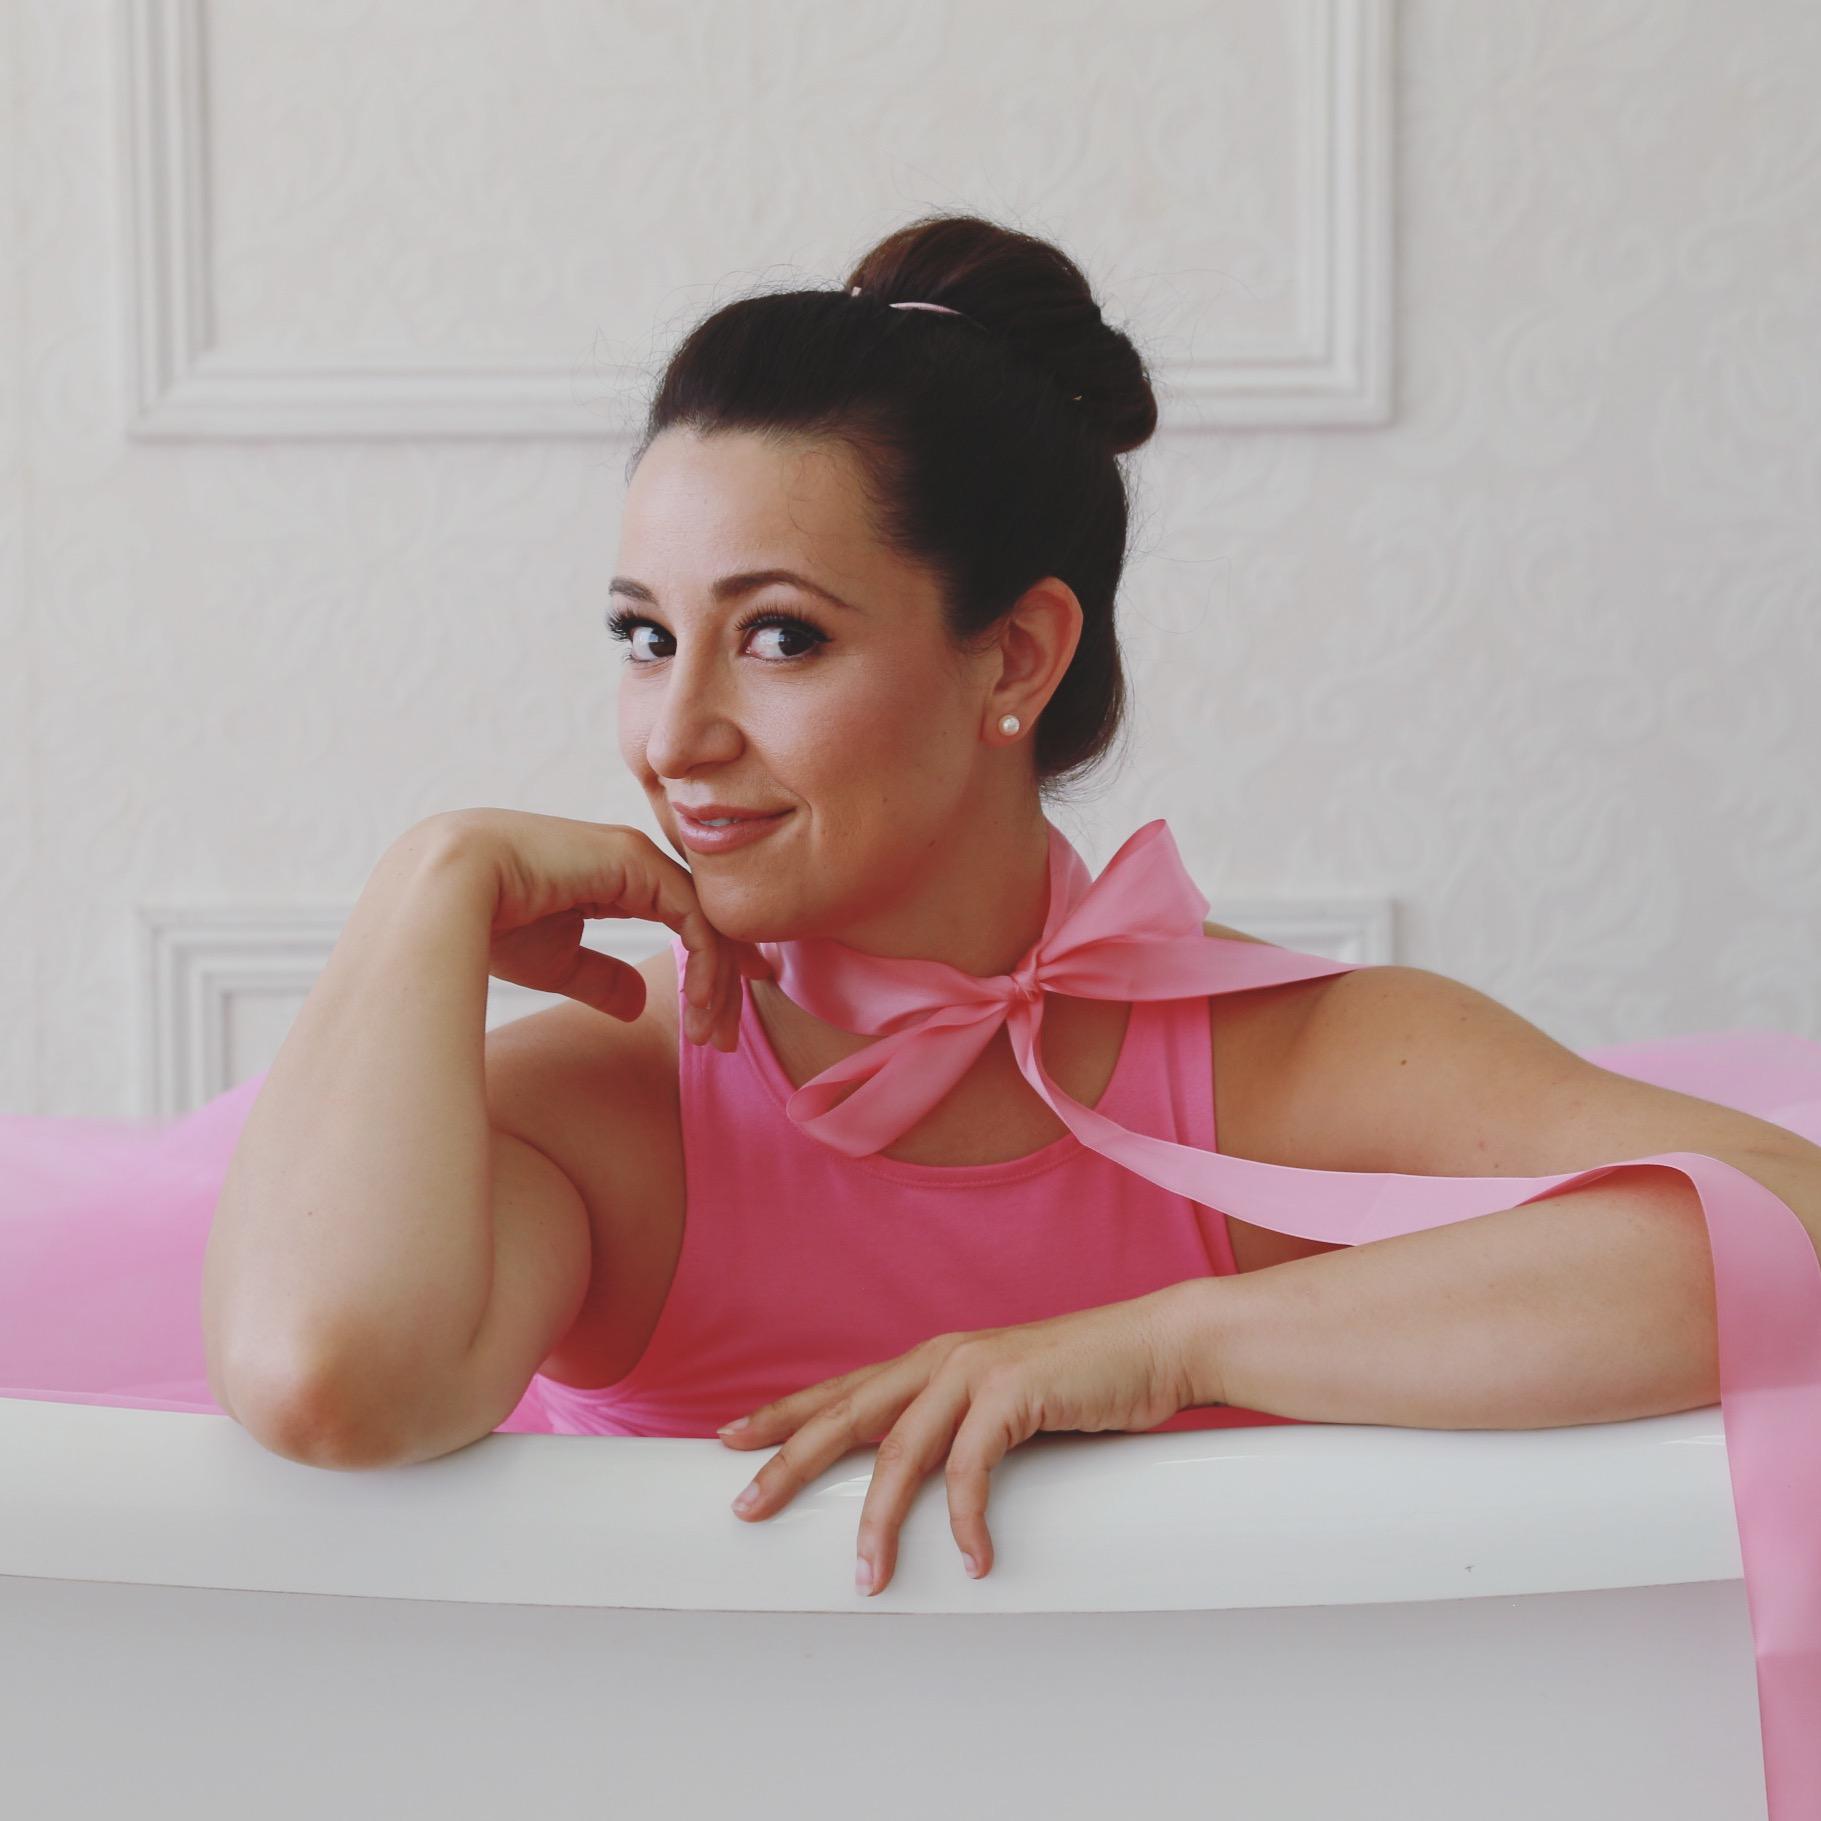 Rachida Brakni